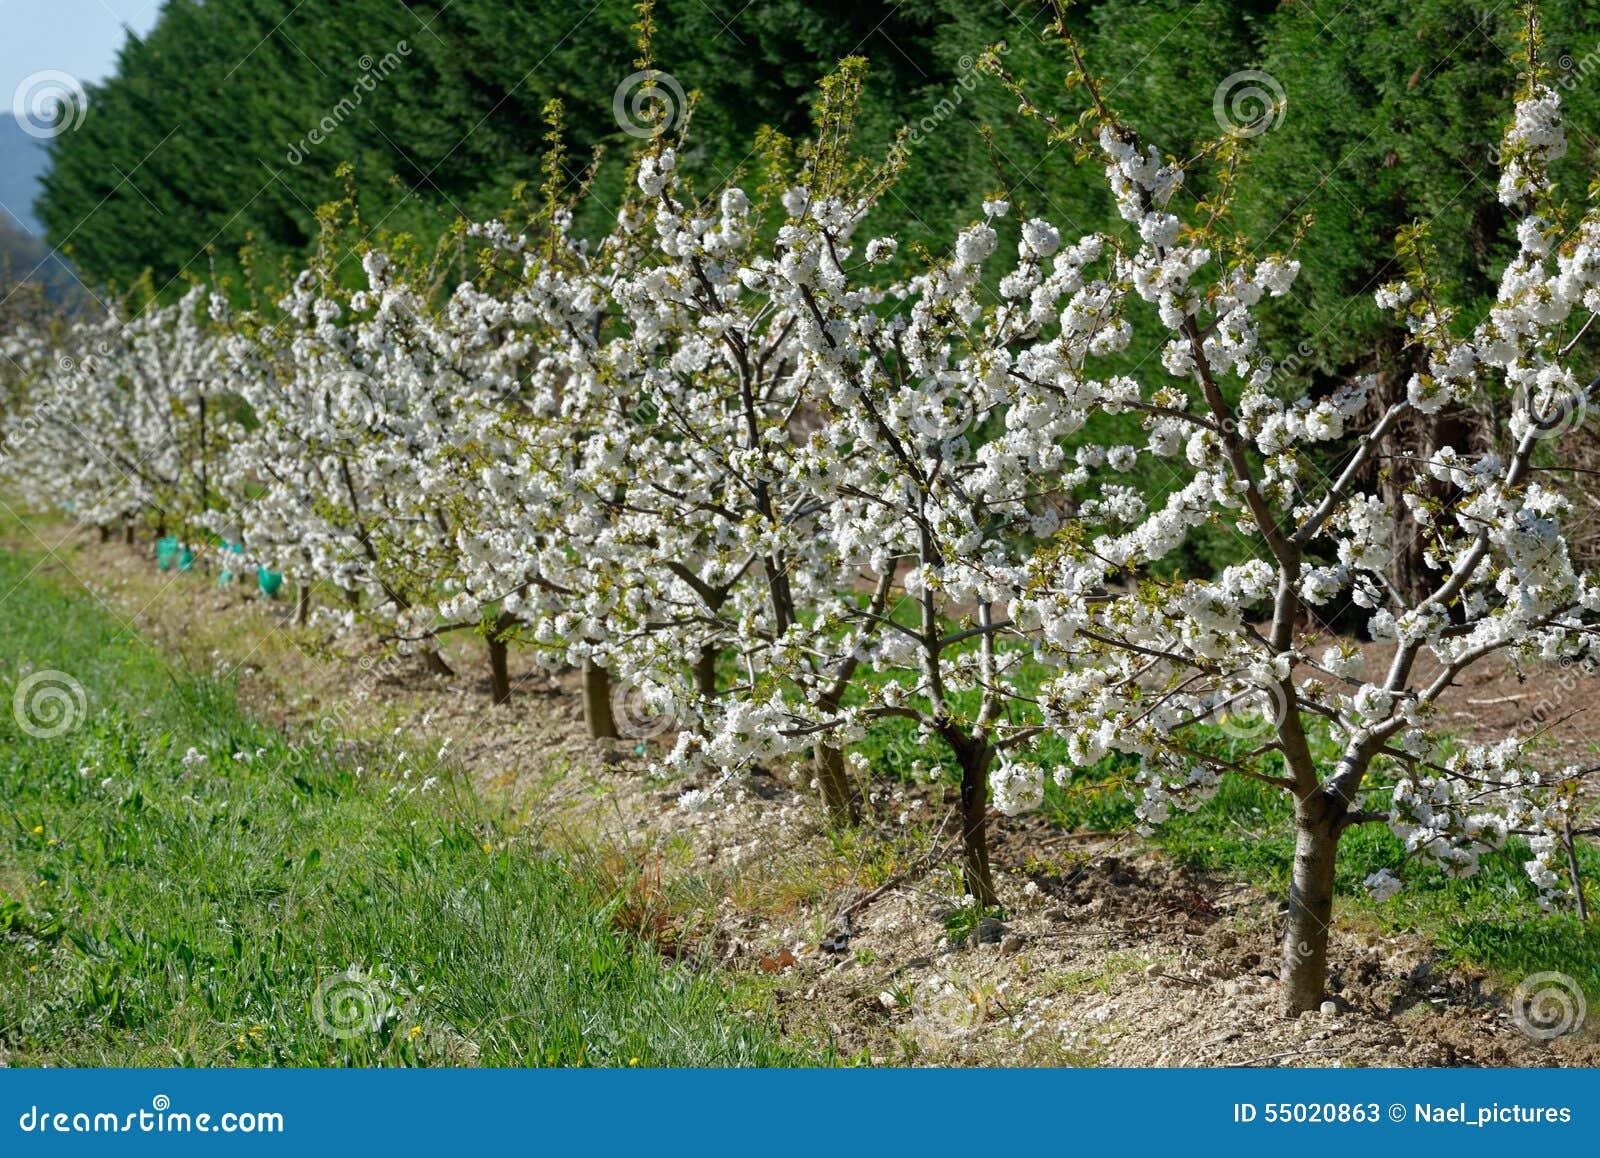 Alberi da frutta in giardino idee per la casa for Quando piantare alberi da frutto